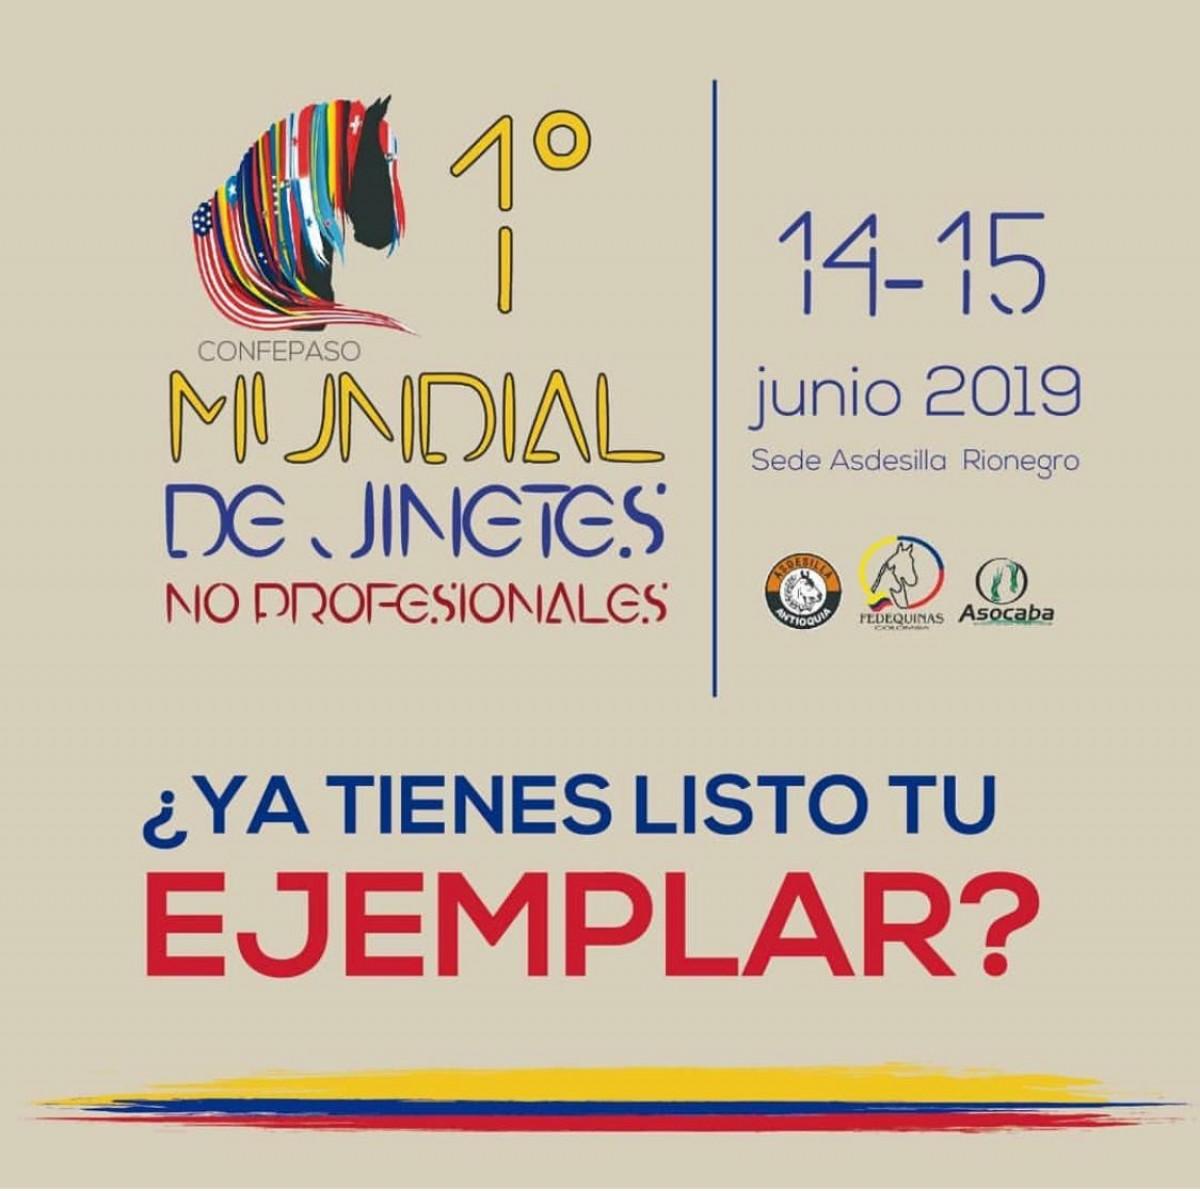 1ra Mundial De Jinetes No Profesionales, 14 y 15 de Junio